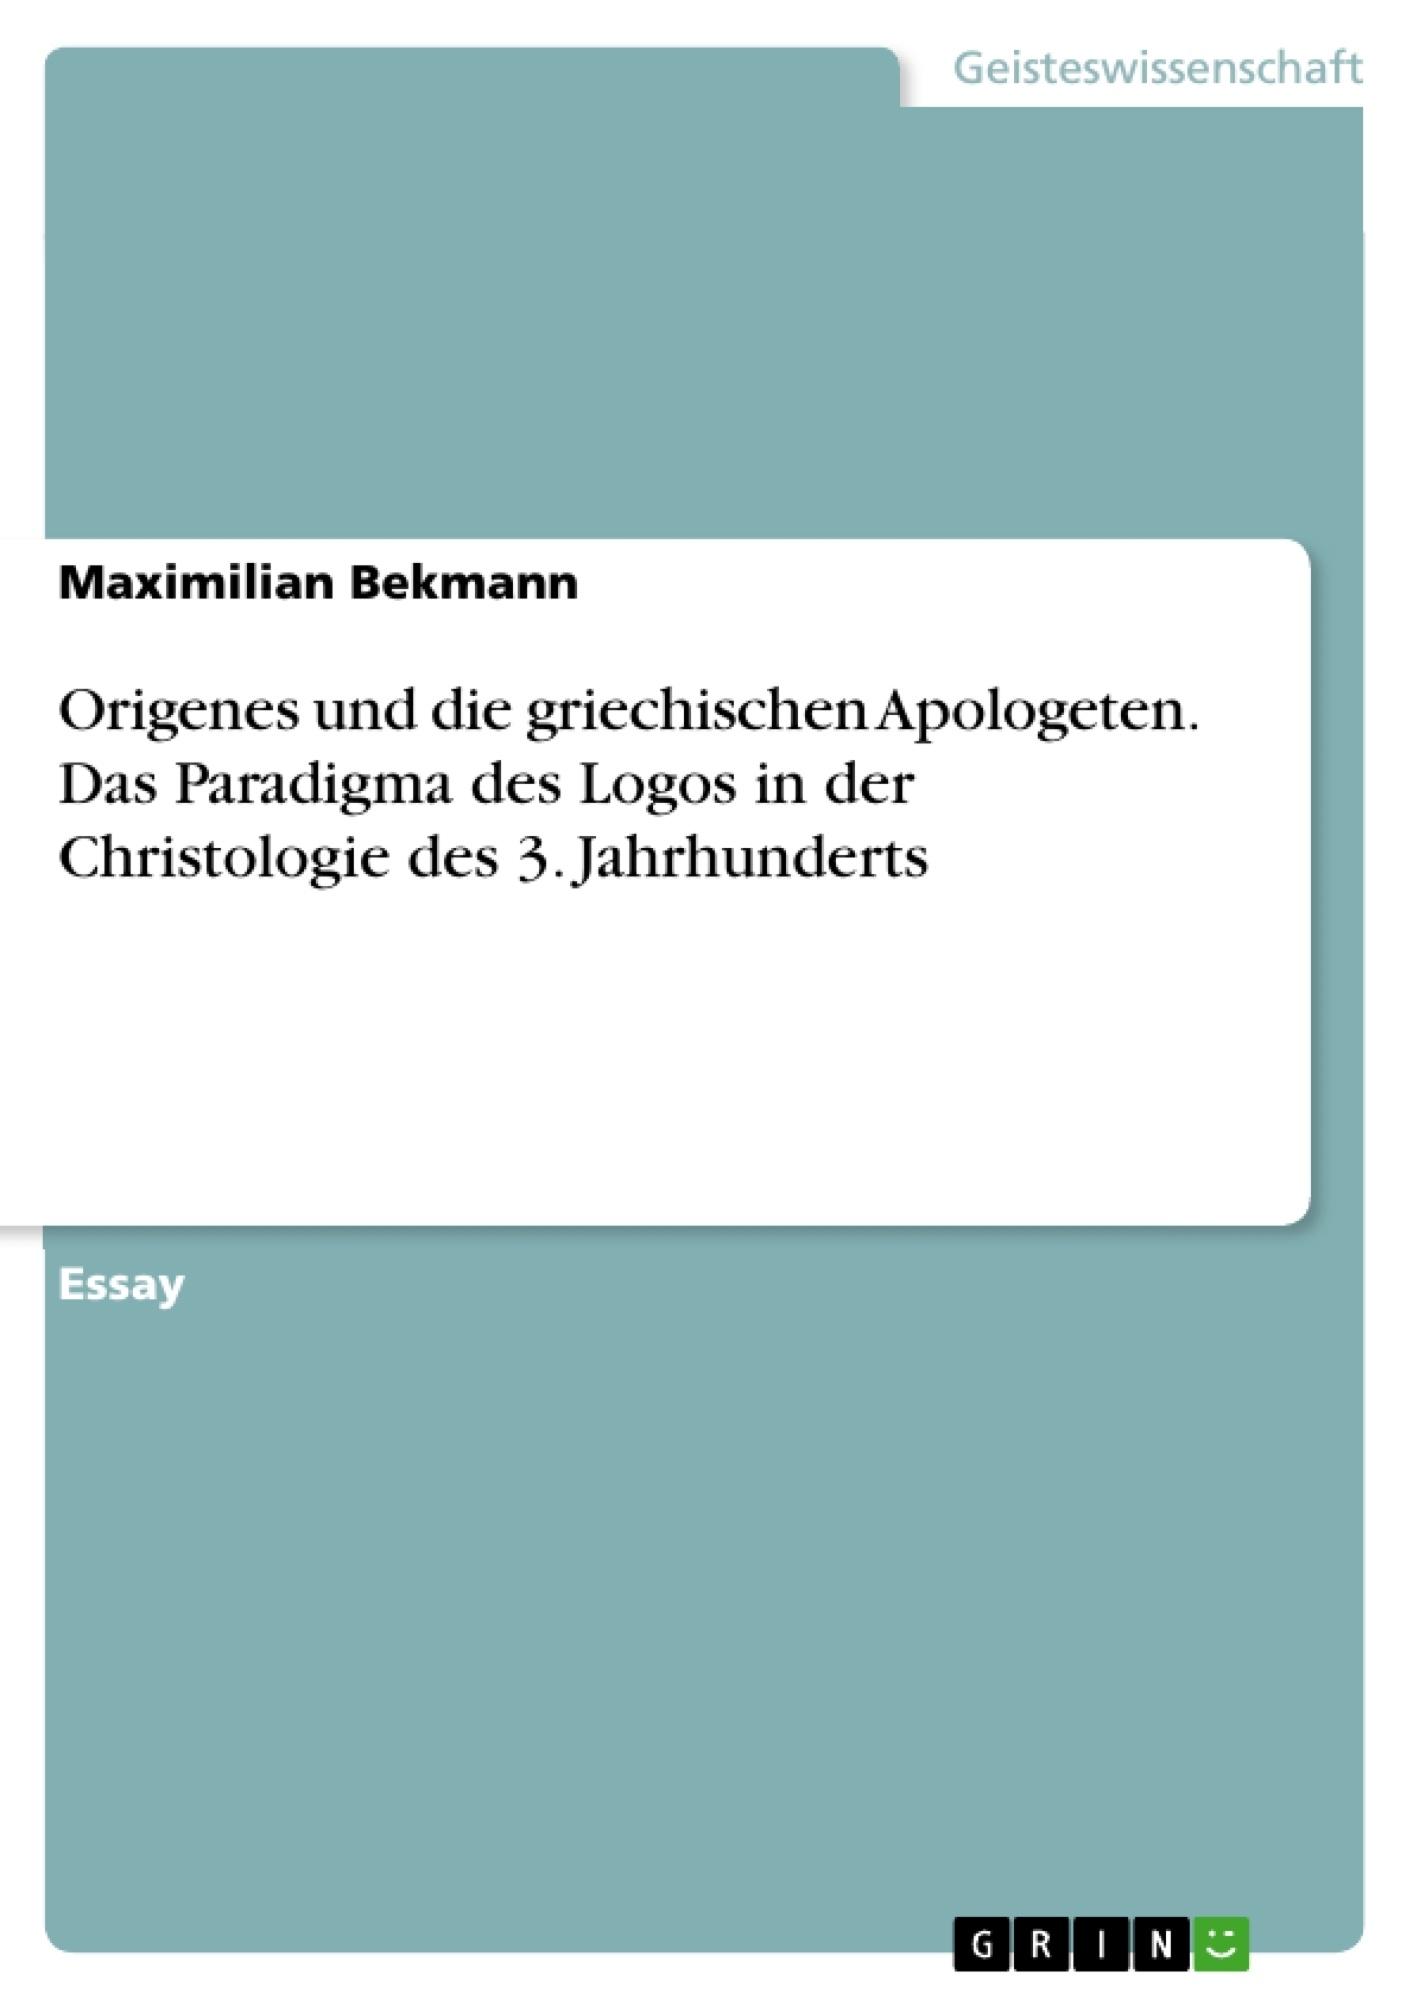 Titel: Origenes und die griechischen Apologeten. Das Paradigma des Logos in der Christologie des 3. Jahrhunderts